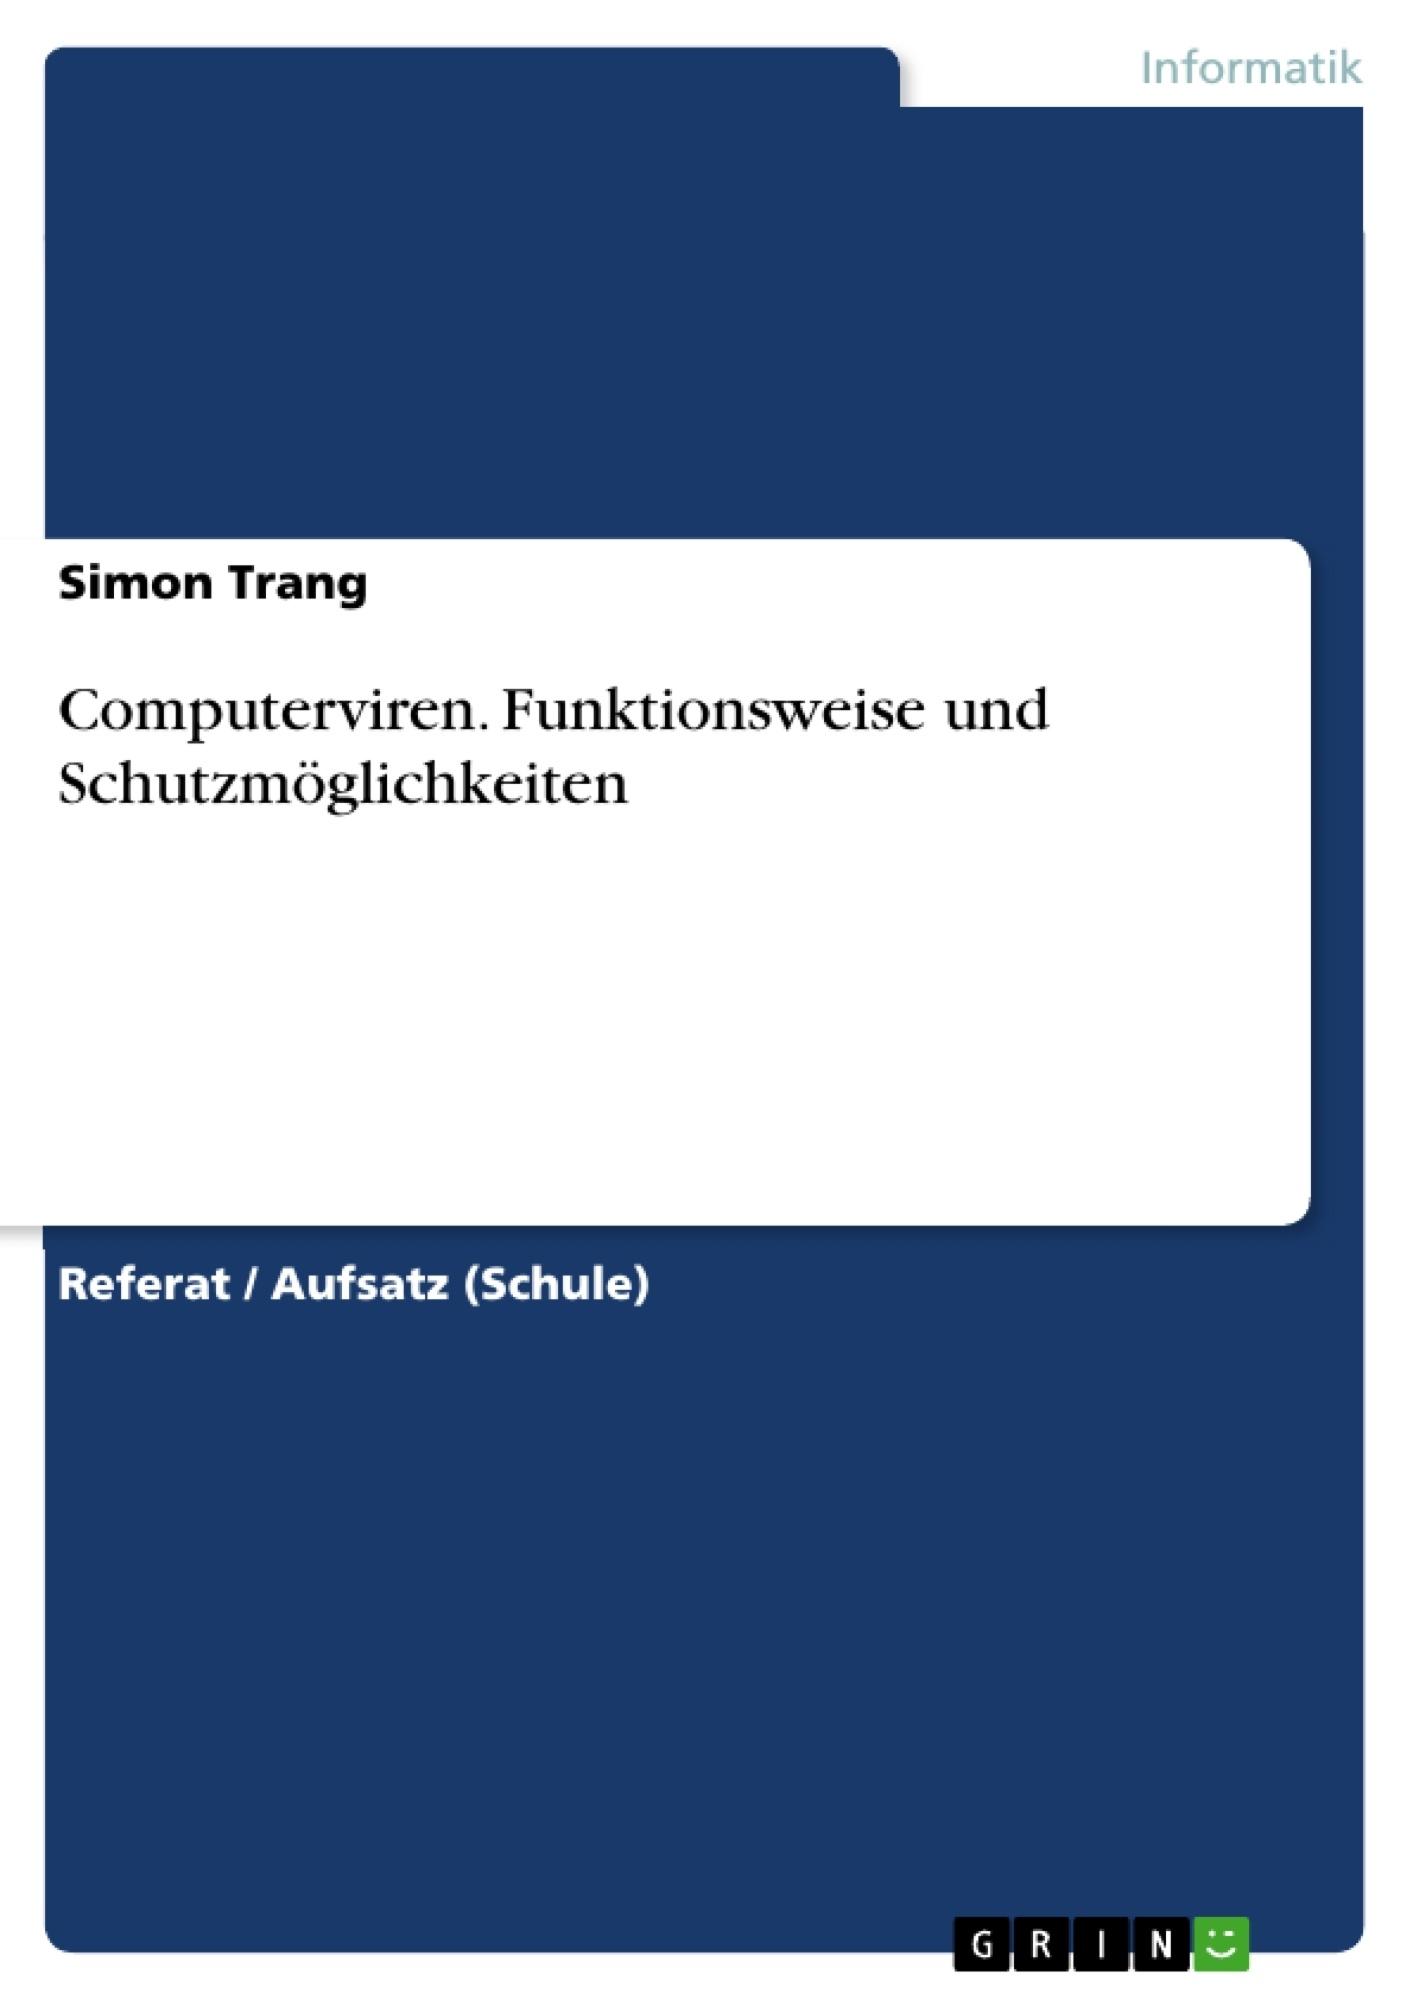 Titel: Computerviren. Funktionsweise und Schutzmöglichkeiten